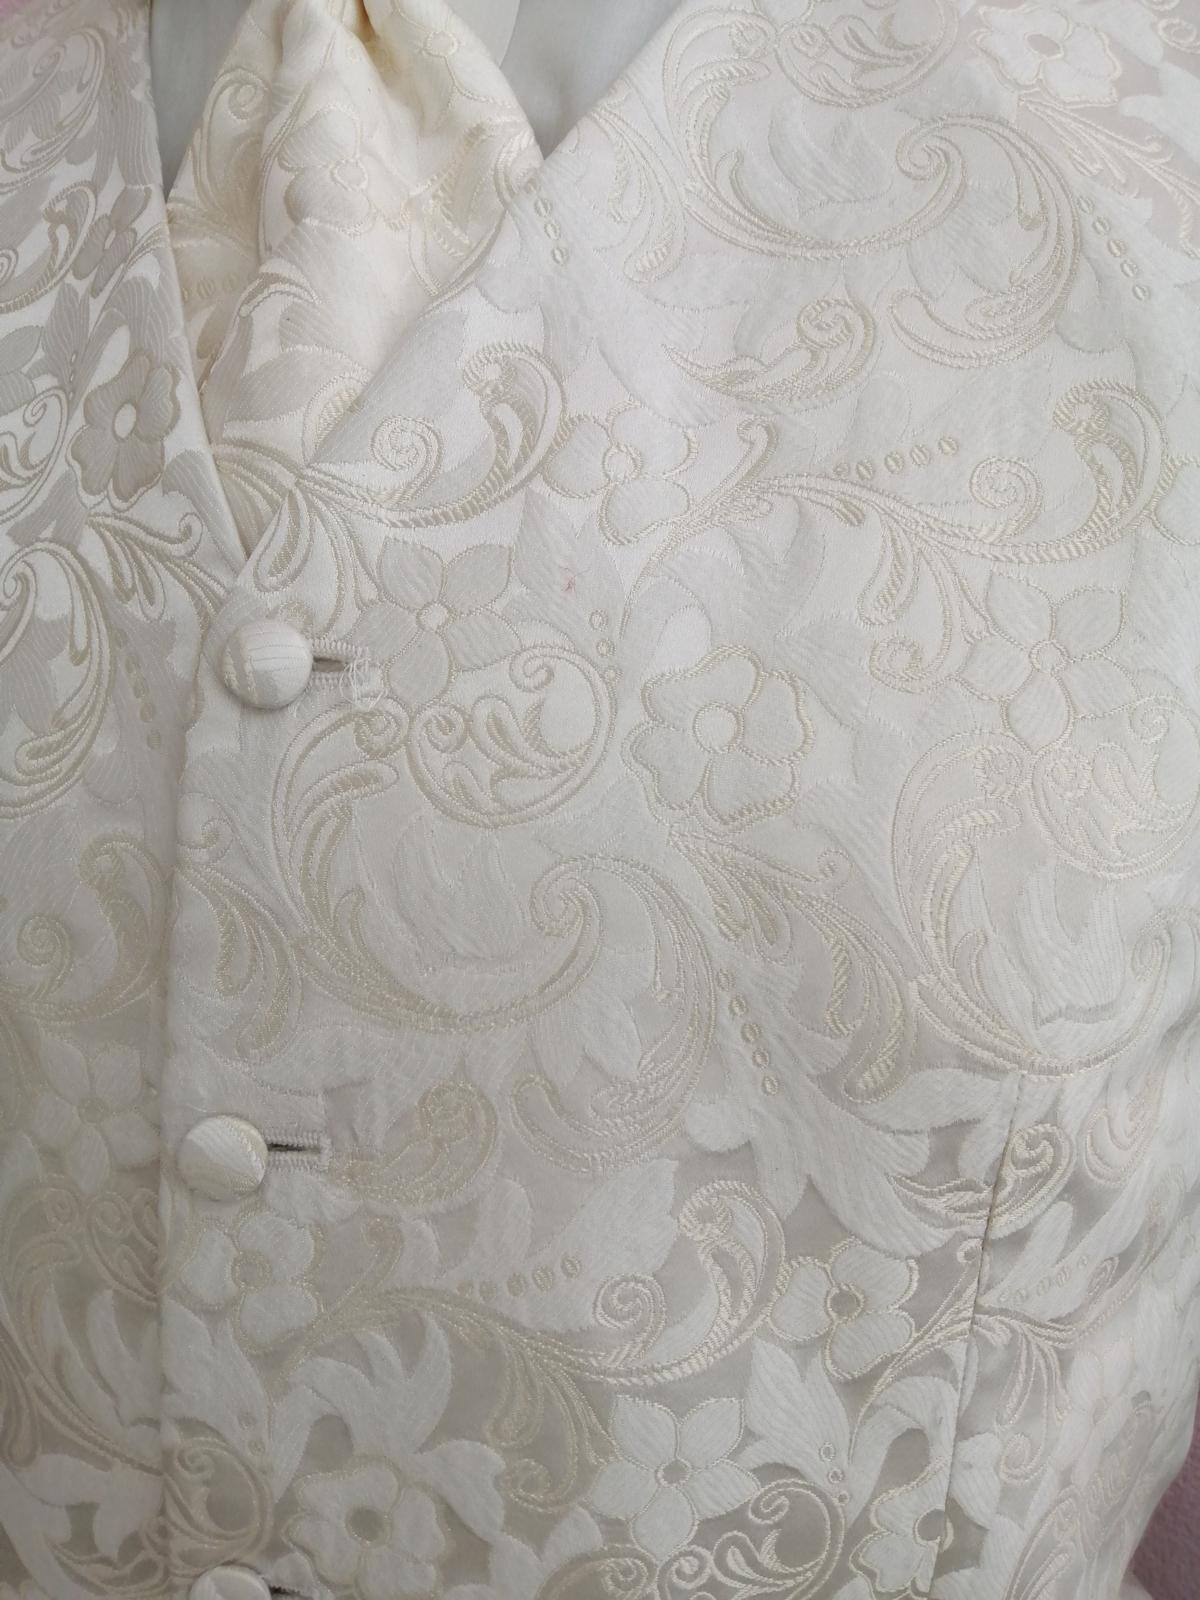 Svadobná vesta ivory -  Wilvorst - Obrázok č. 2